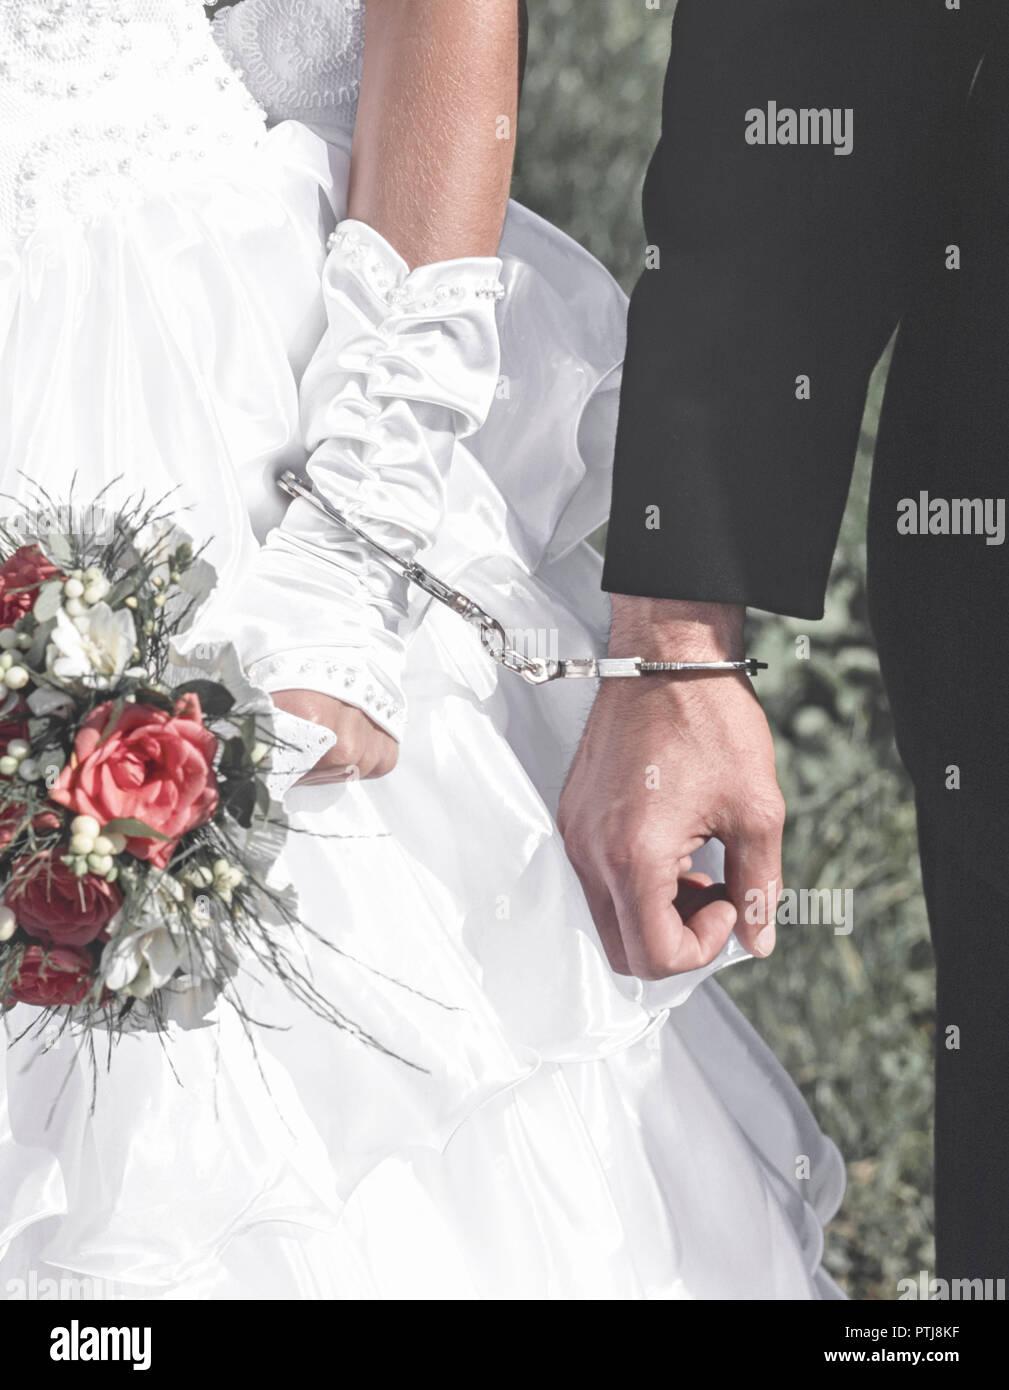 Dating Balz und Ehe ppt Wie kann man den Verstärker vor dem Bombenanschlag im sterbenden Licht anziehen